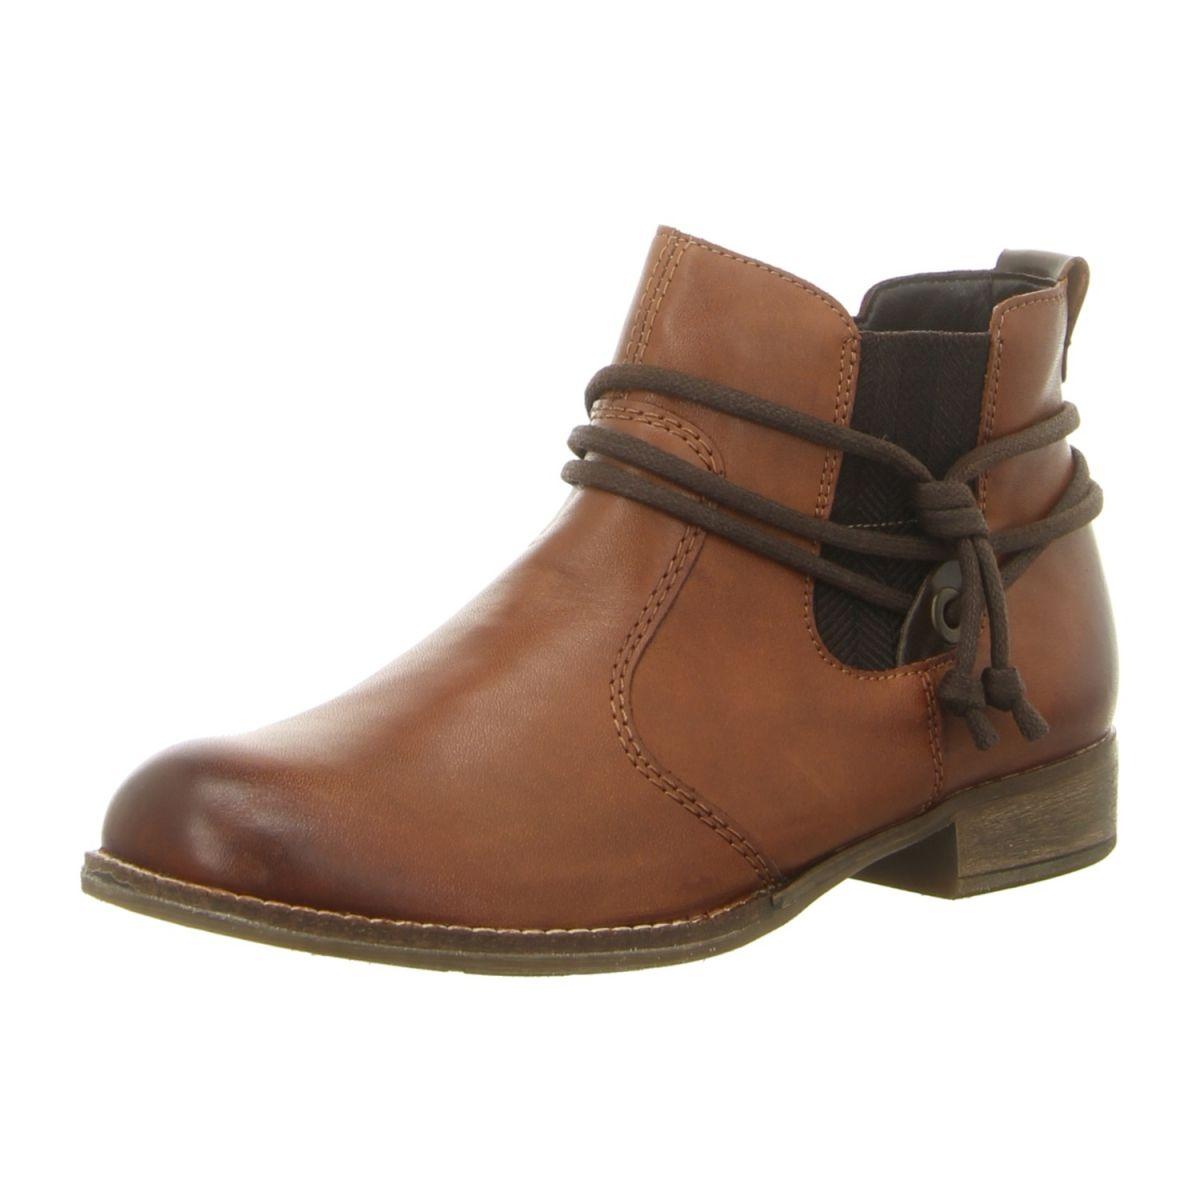 NEU: Remonte Stiefeletten R9373 24 braun   Schuhe